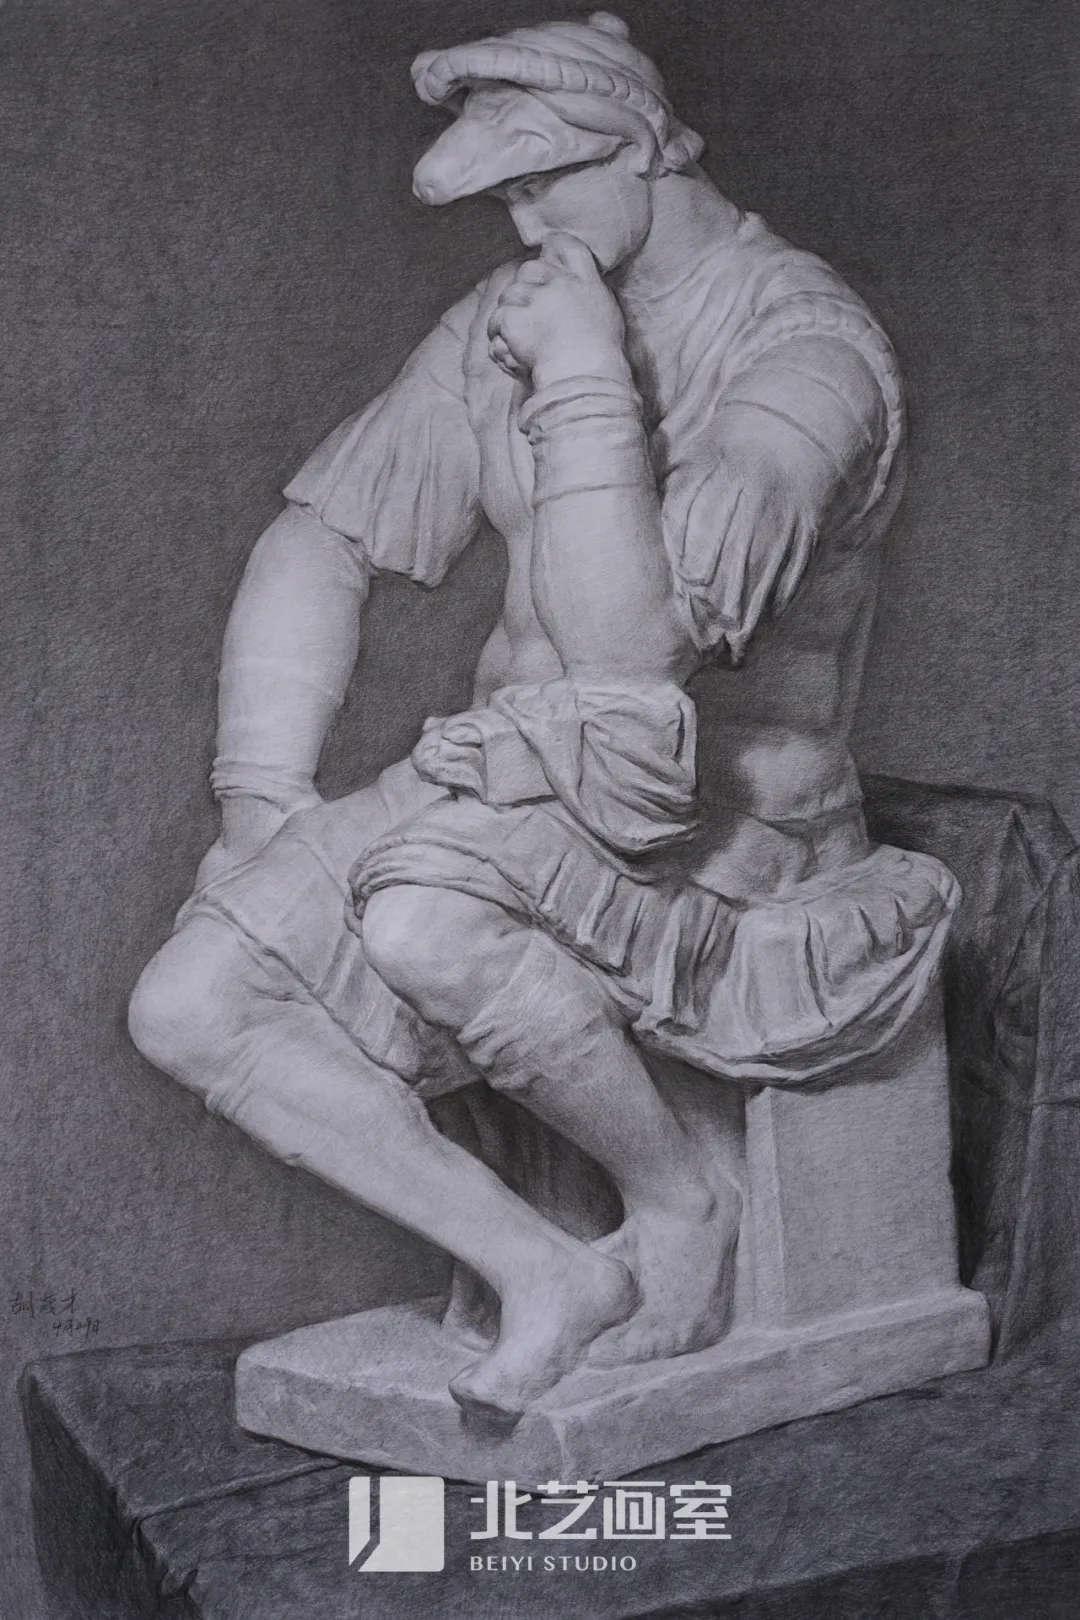 素描石膏像作品赏析——美第奇侧面